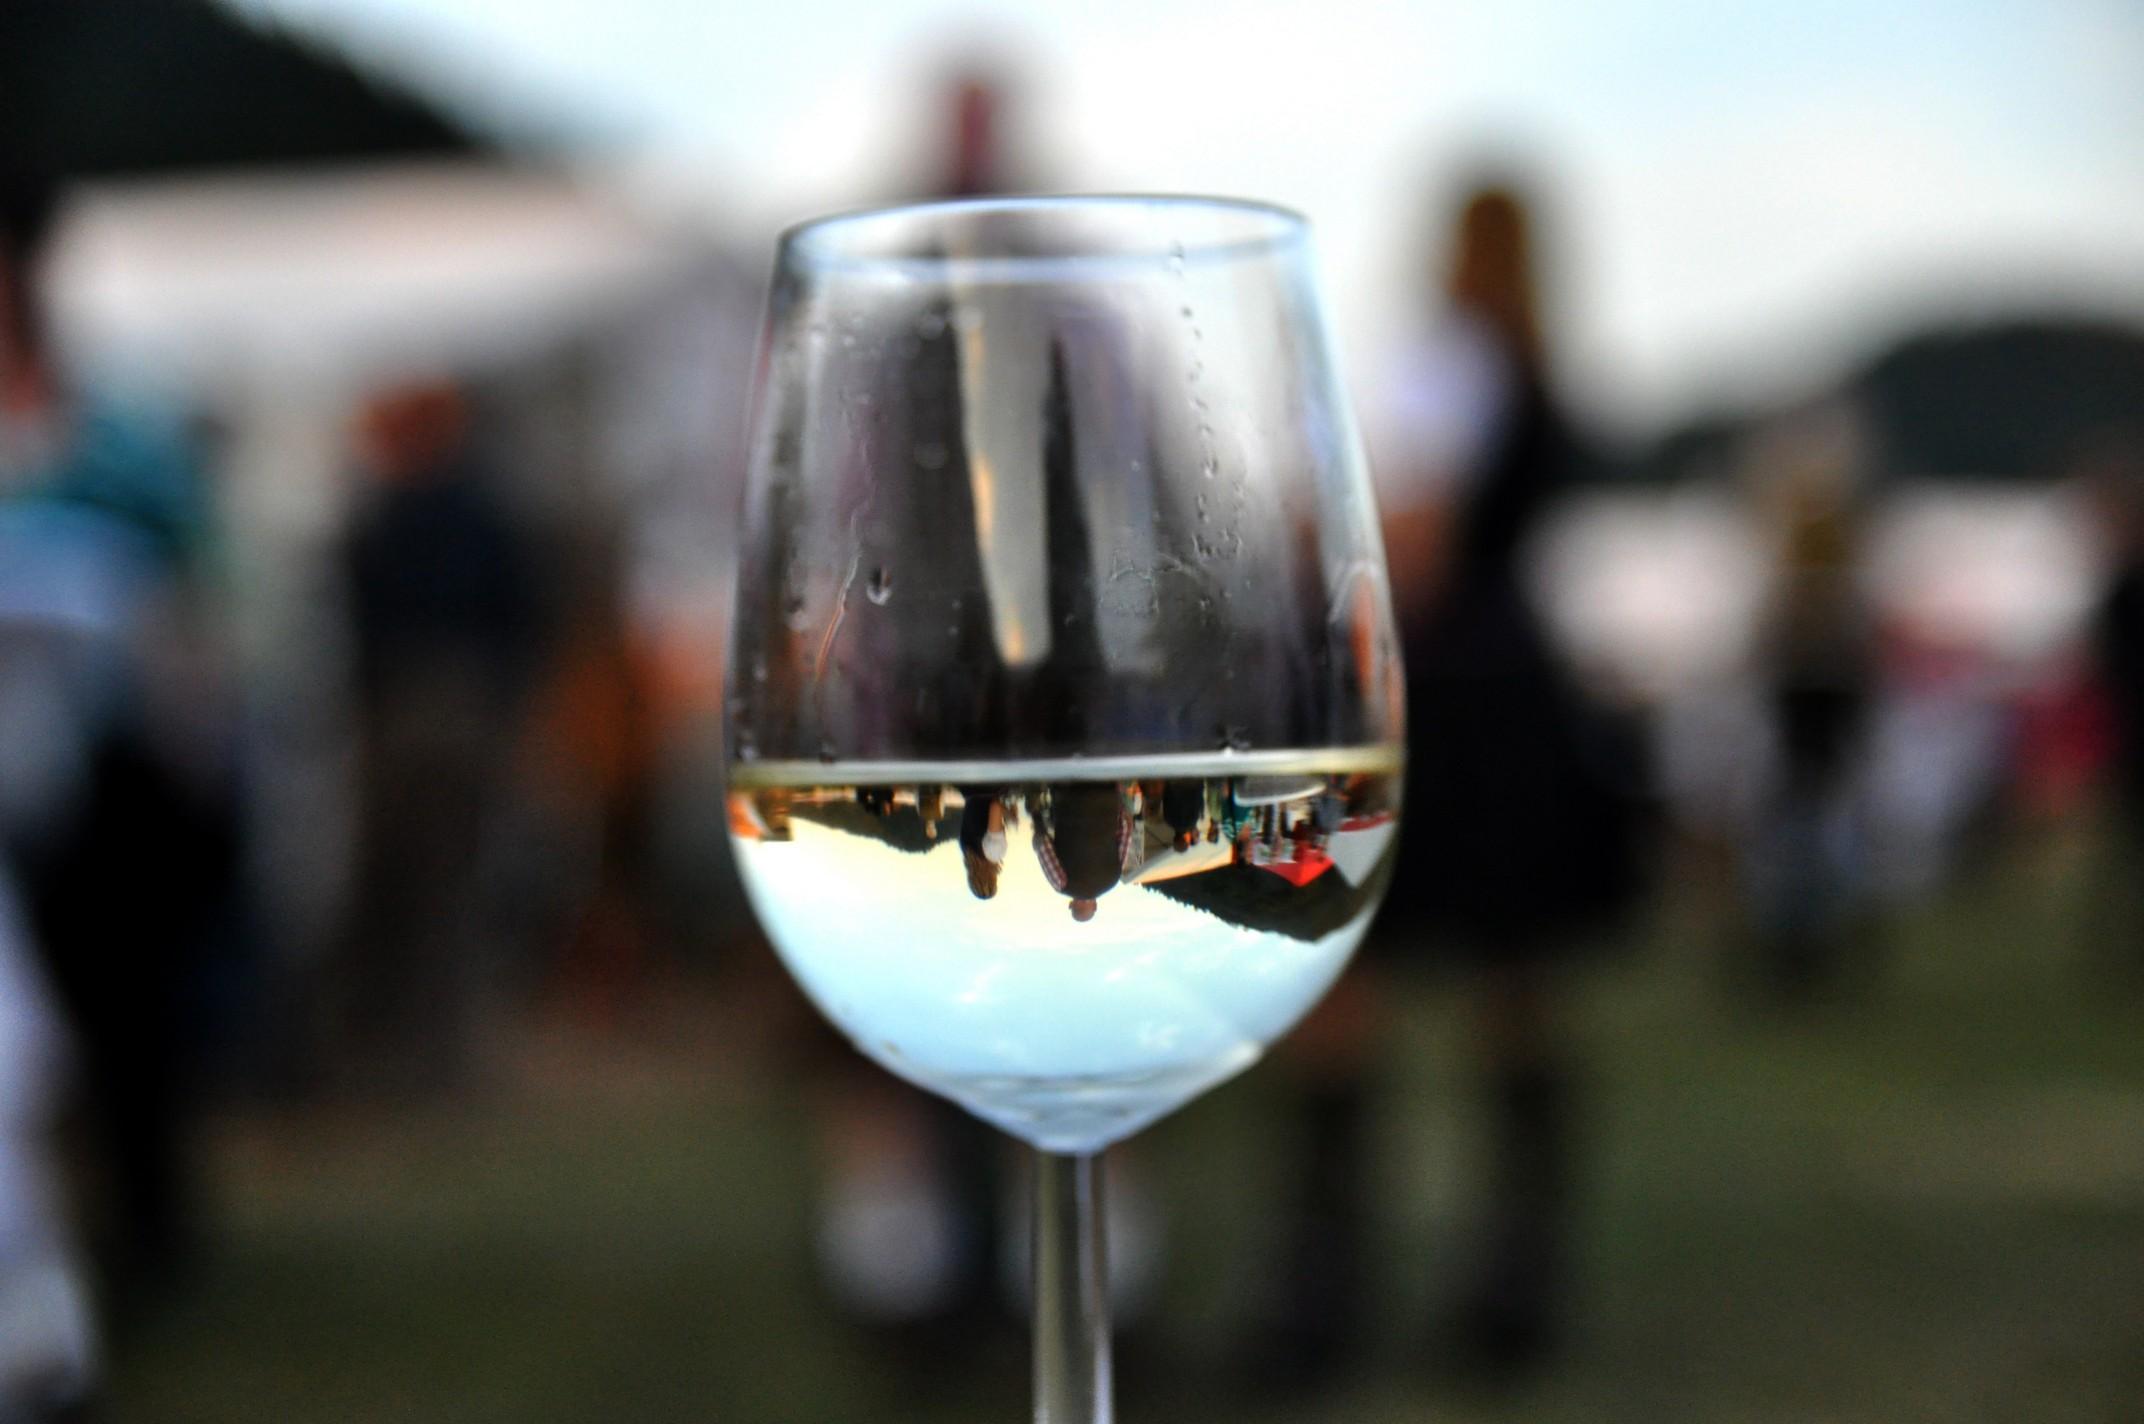 Sittersdorfer Weinfest 2012